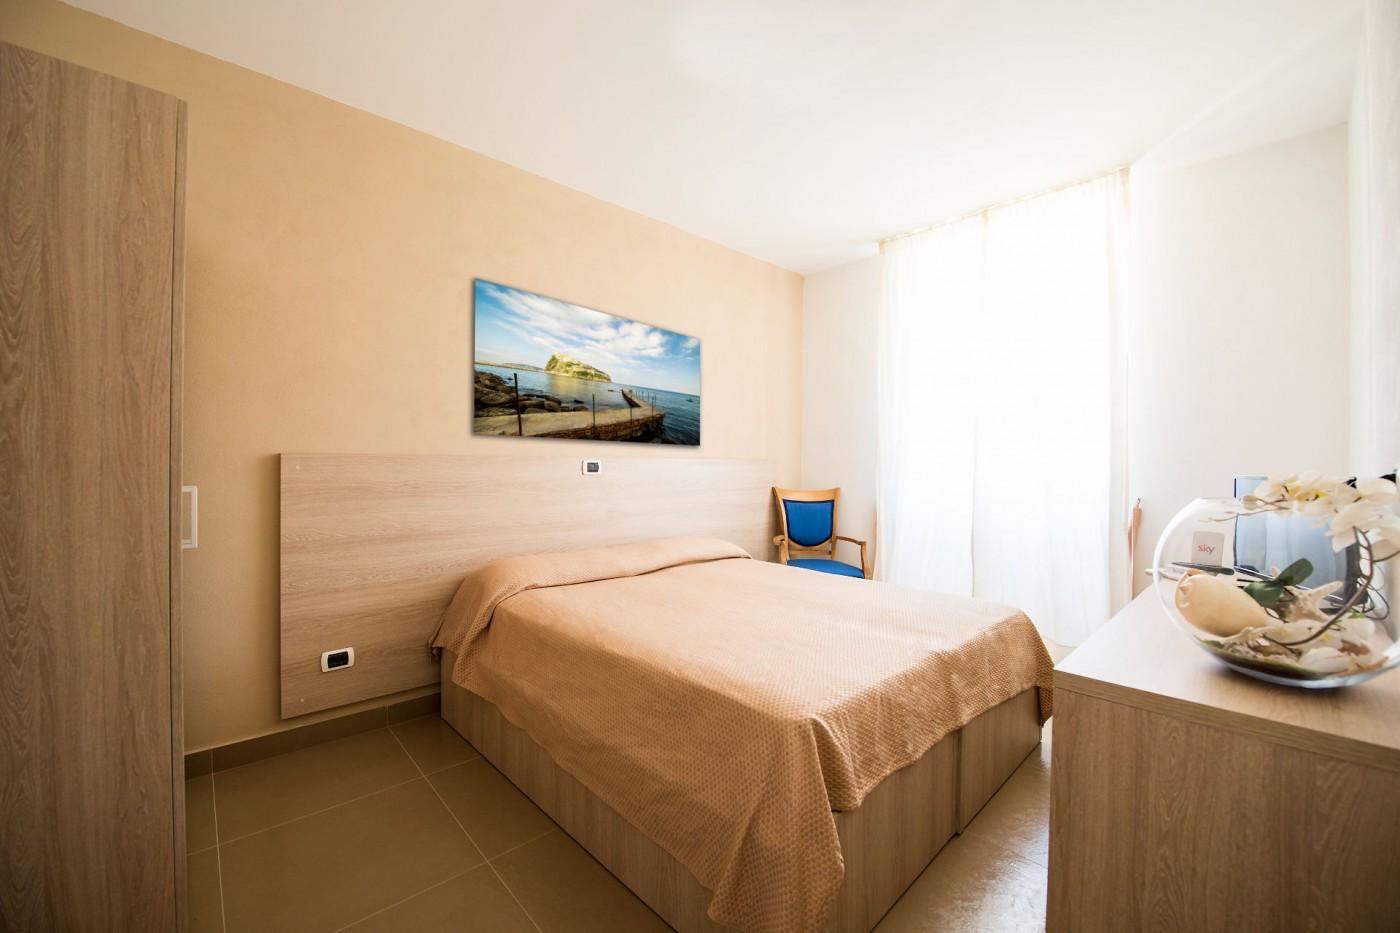 hotel-stella-maris-ischia-camera